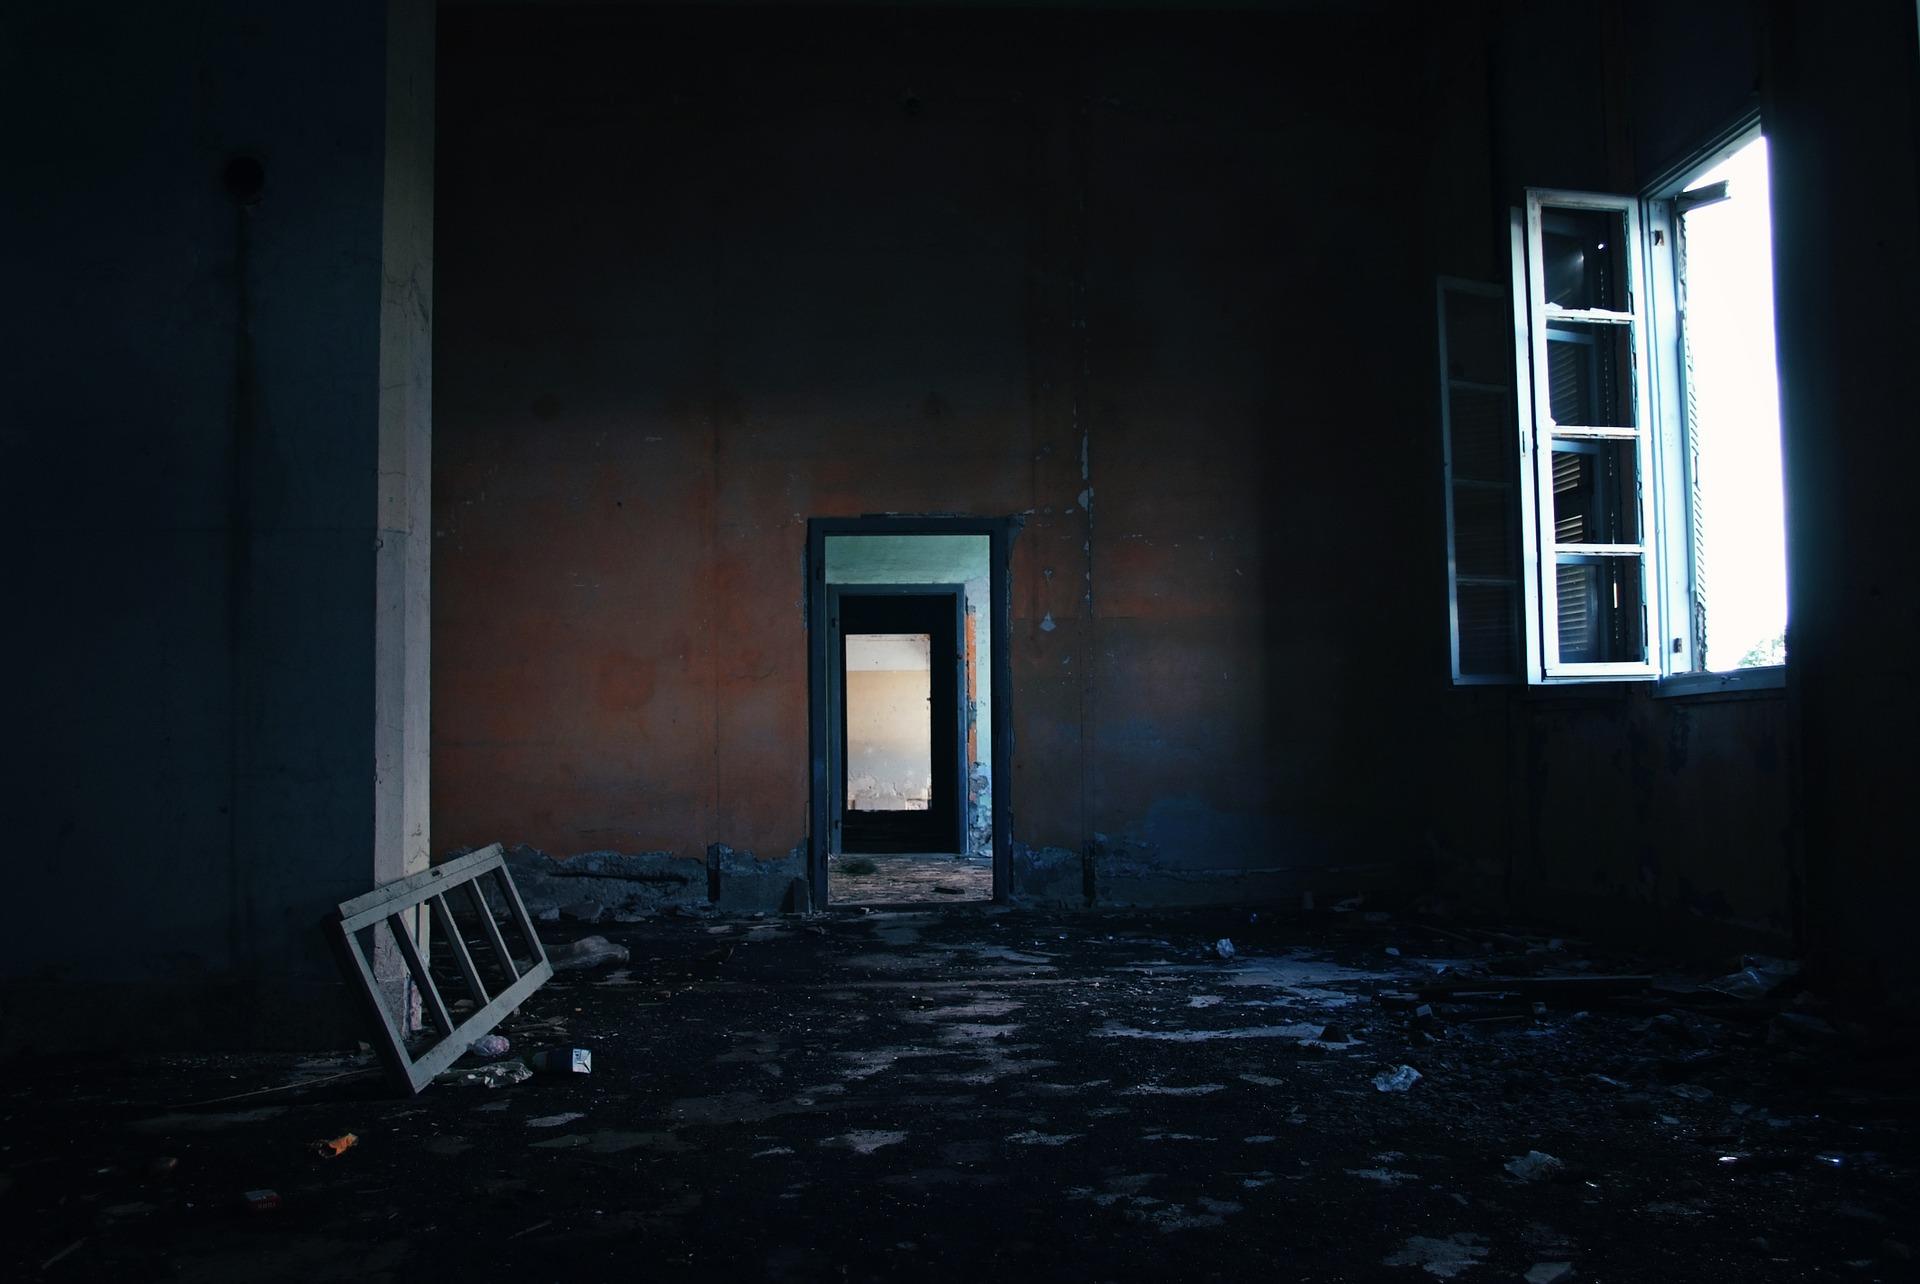 もしも一眼レフカメラ初心者が廃墟の撮影に興味を持ってしまったら